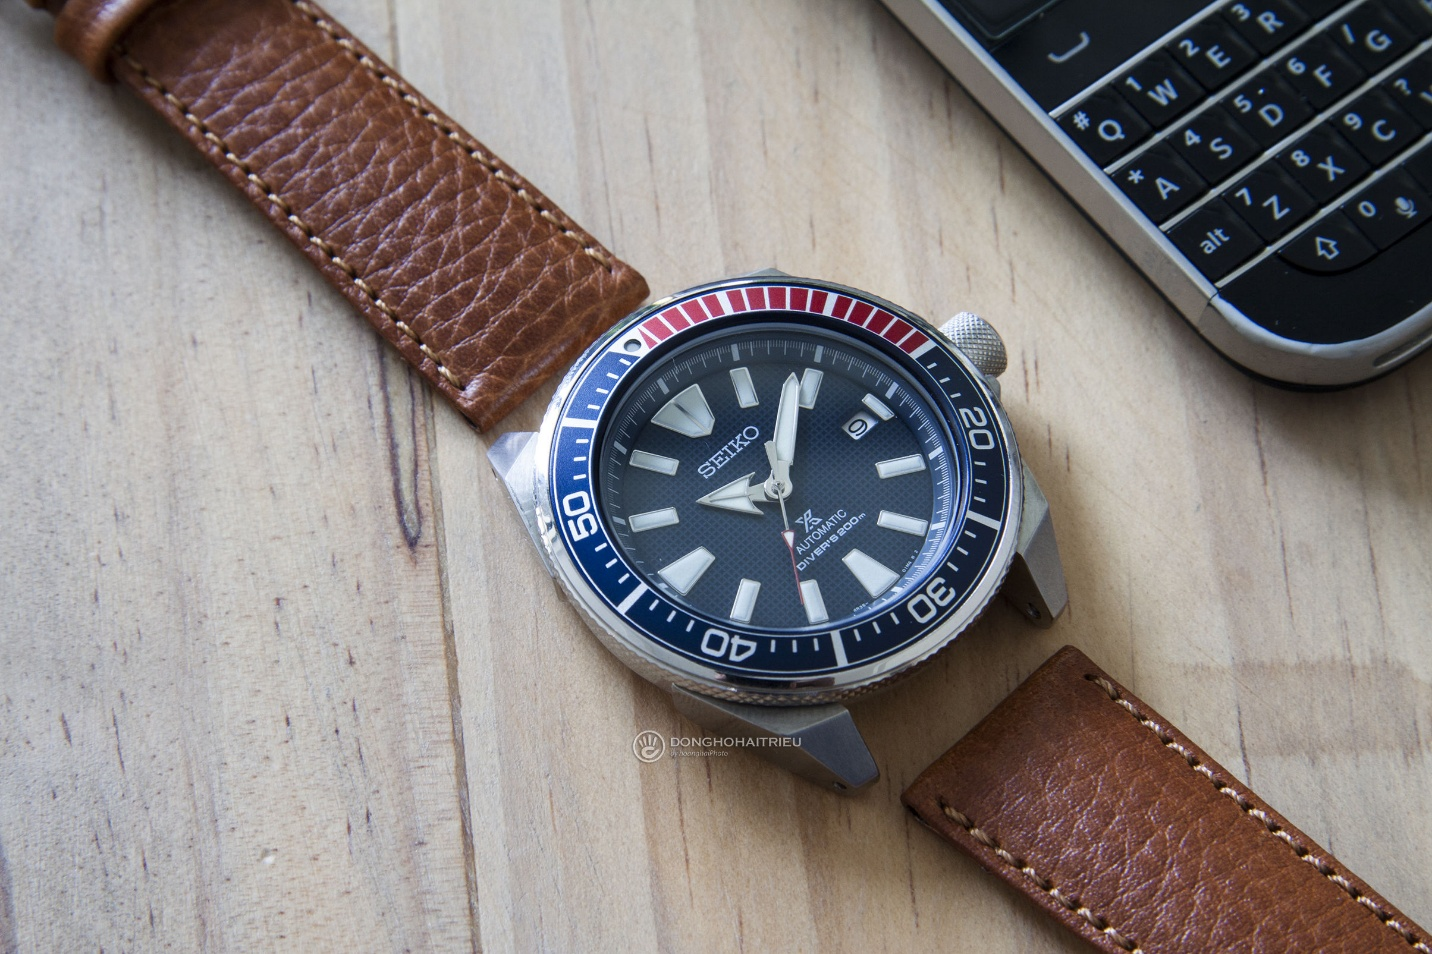 Bộ sưu tập dây da được các thương hiệu đồng hồ nổi tiếng thế giới ưa chuộng - Ảnh 8.